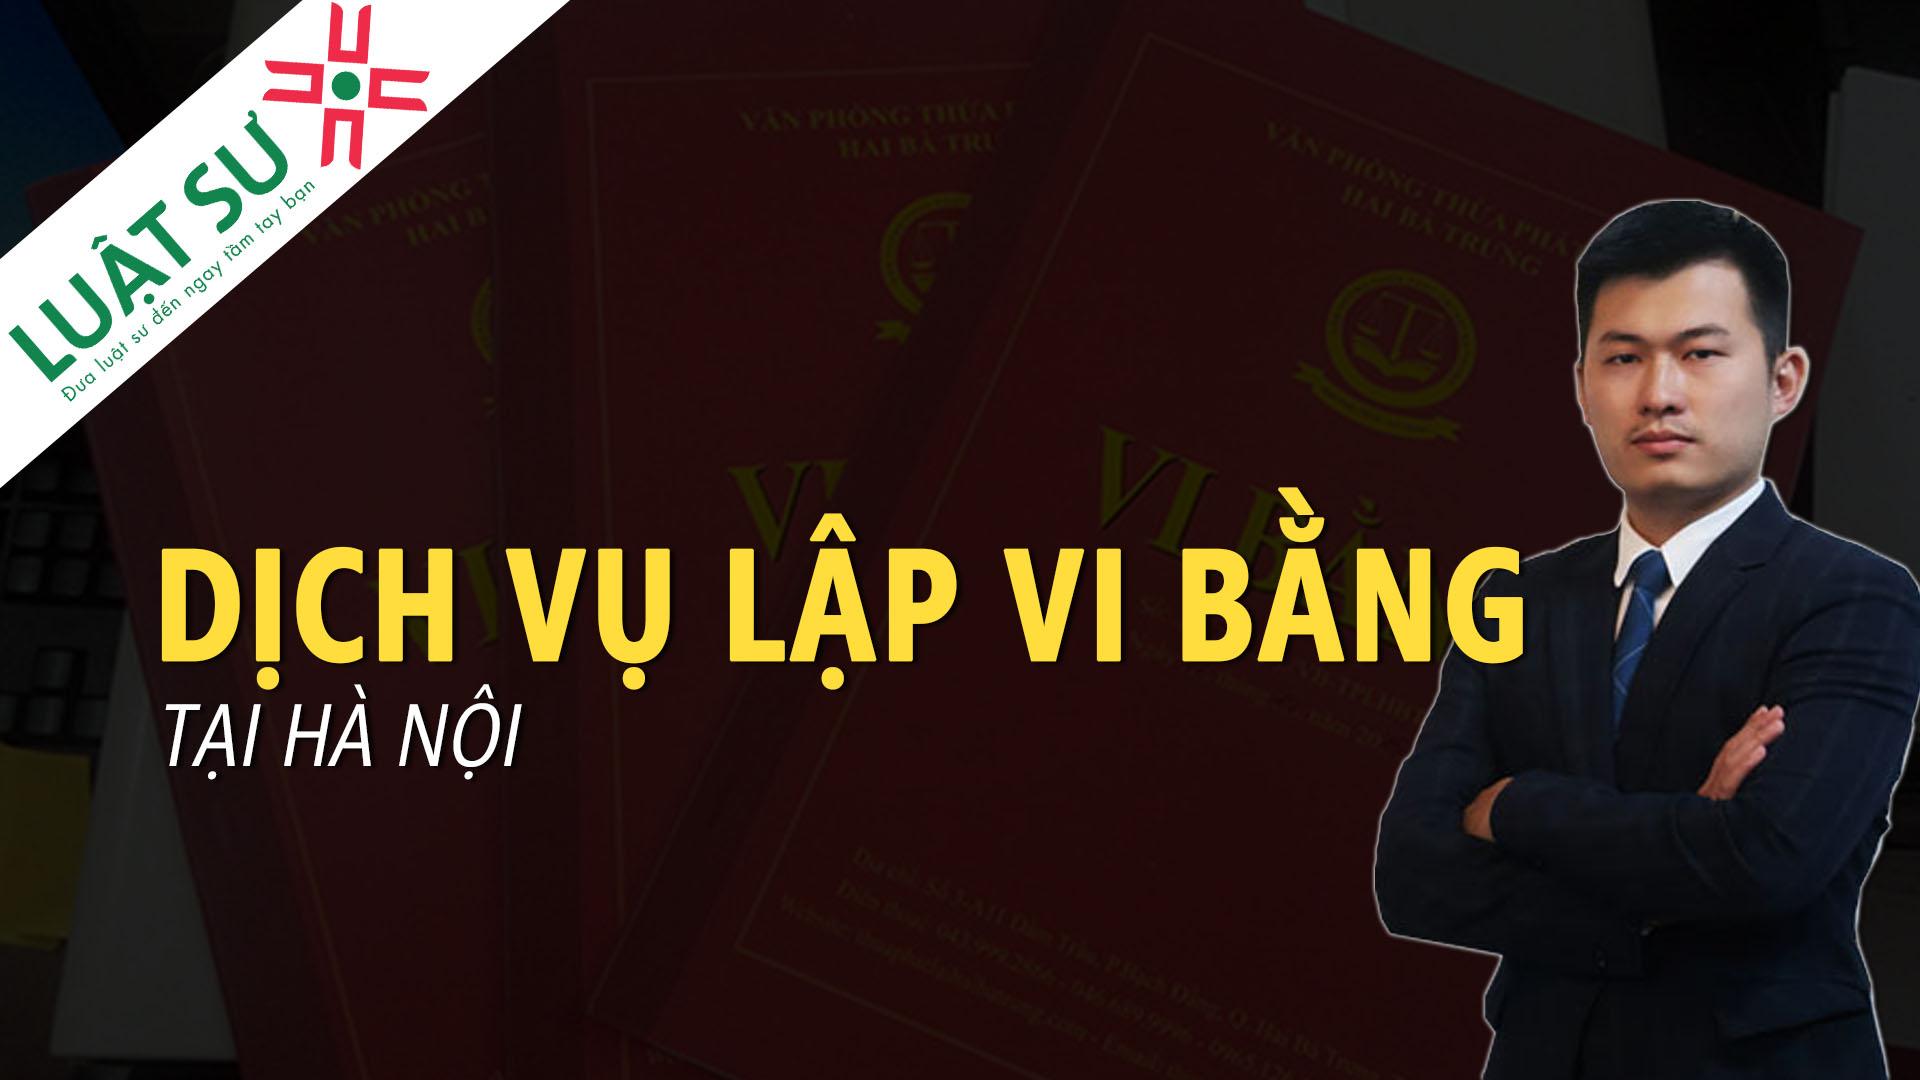 Dịch vụ lập vi bằng tại Hà Nội